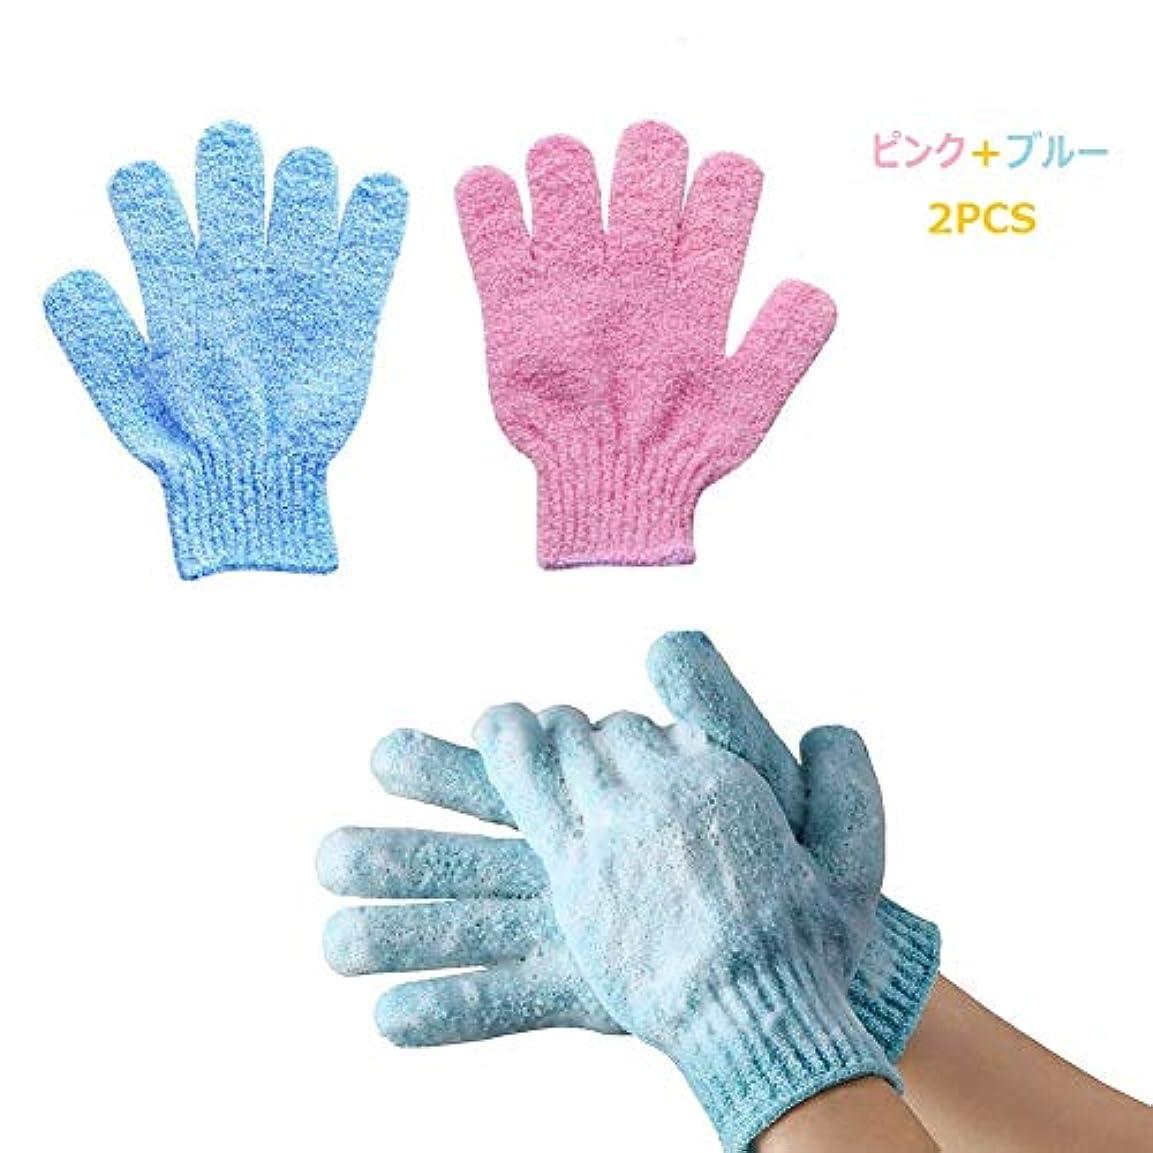 悪用図書館授業料ROOFTOPS お風呂手袋 五本指 シャワーグローブ 泡立ち 柔らかい 入浴用品 角質除去 垢すり 2PCS (ピンク+ブルー)